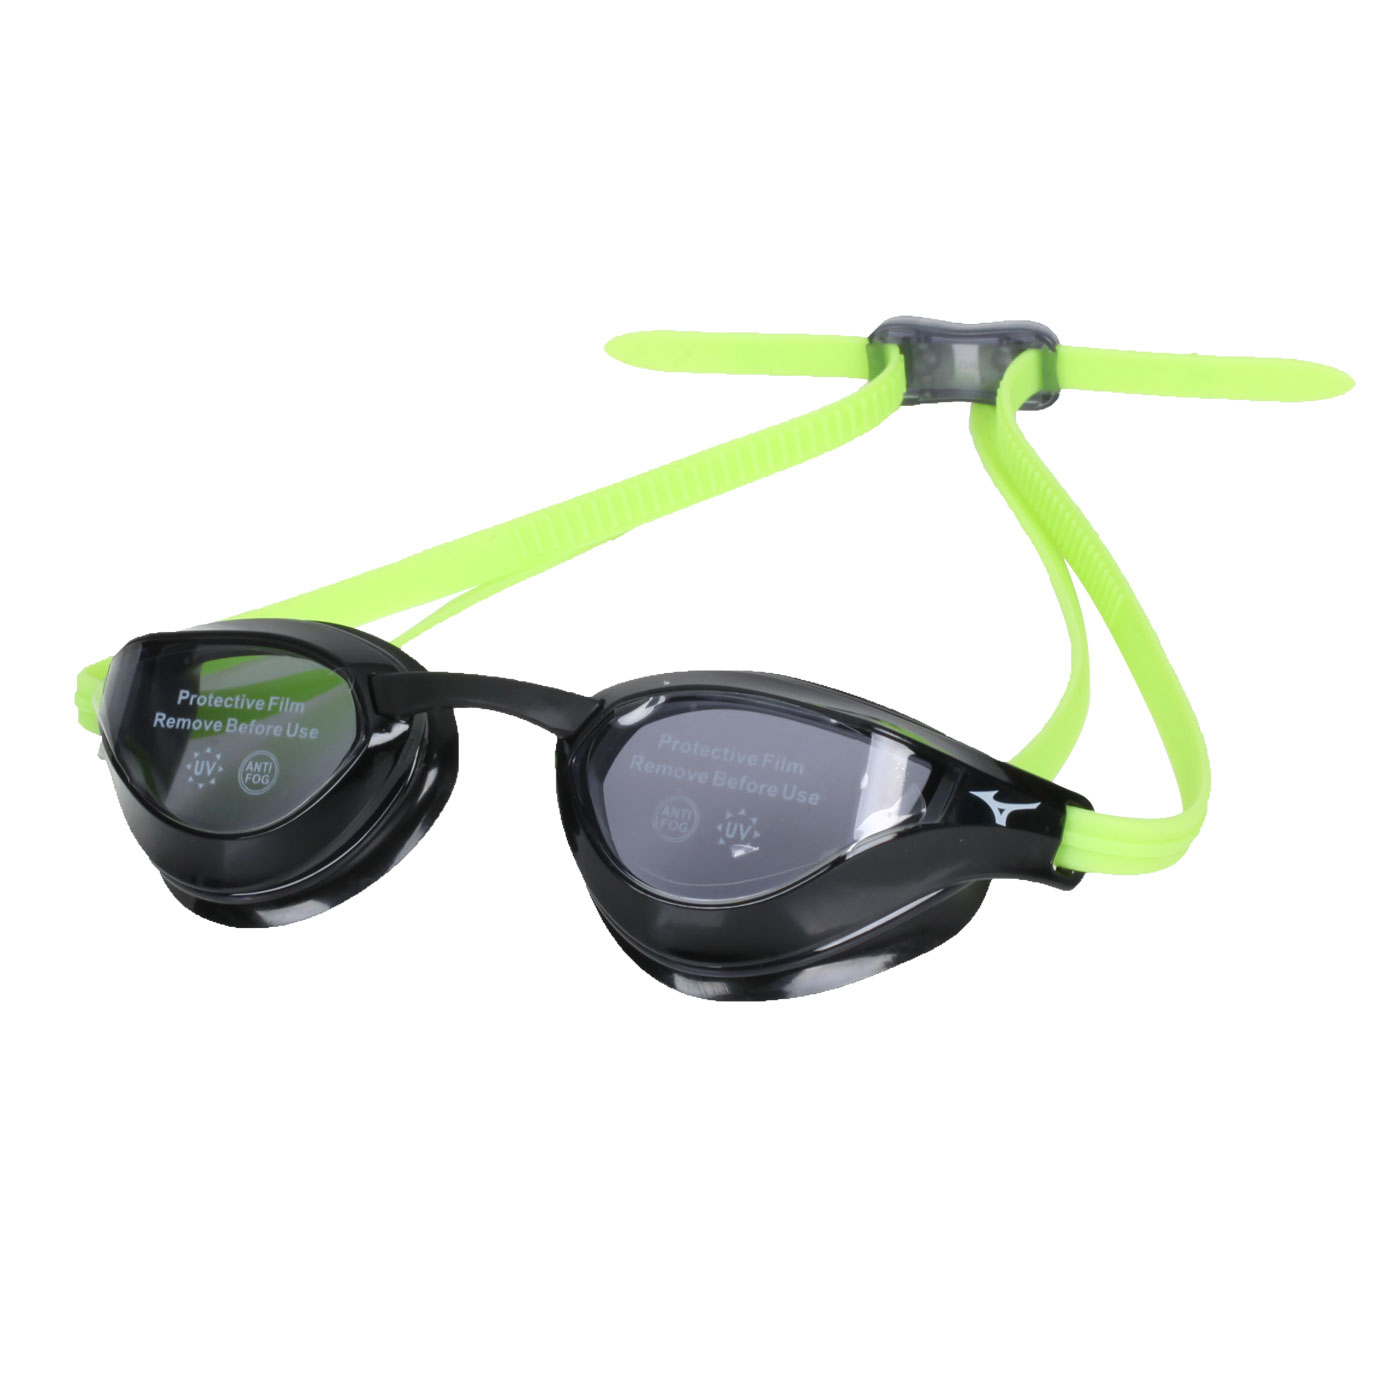 MIZUNO 泳鏡 N3TE951000-93 - 黑螢光綠